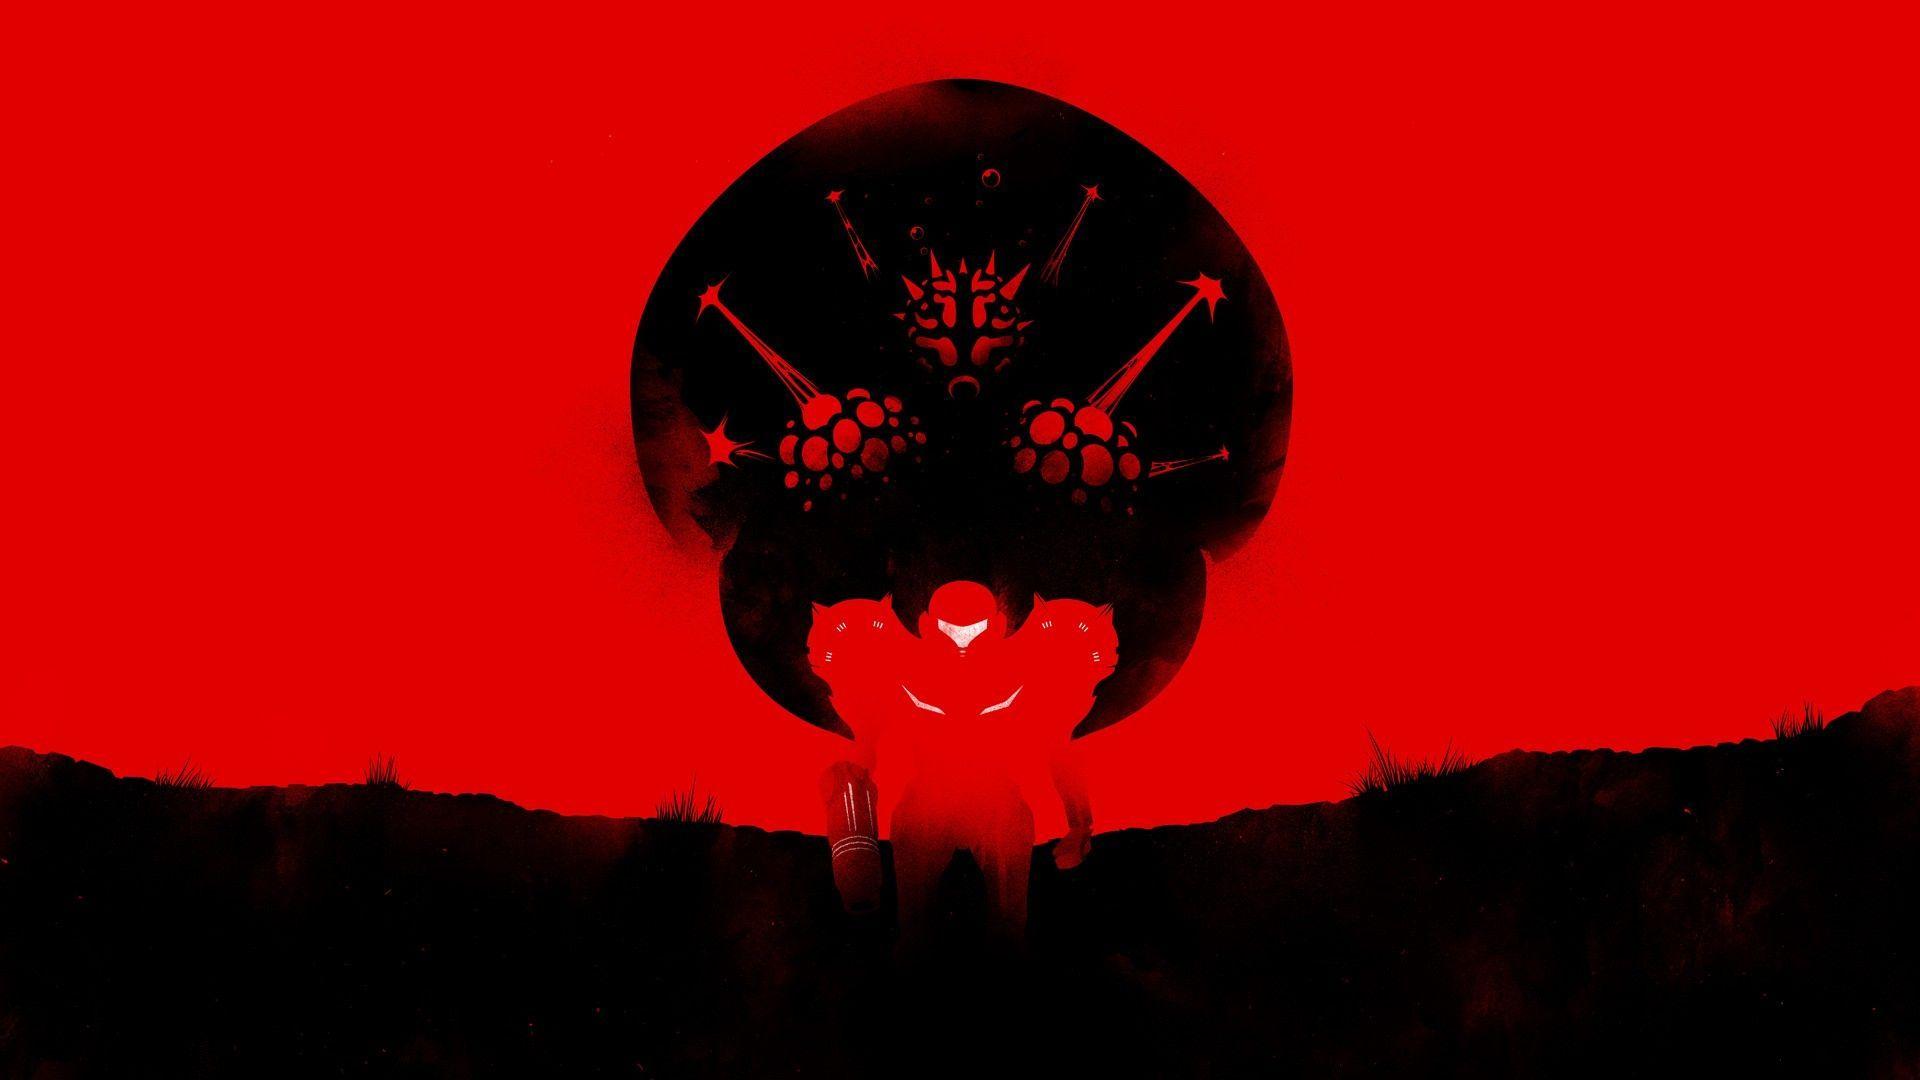 6392 - ¿Cuánto sabes de la saga de Metroid? (Principiante)